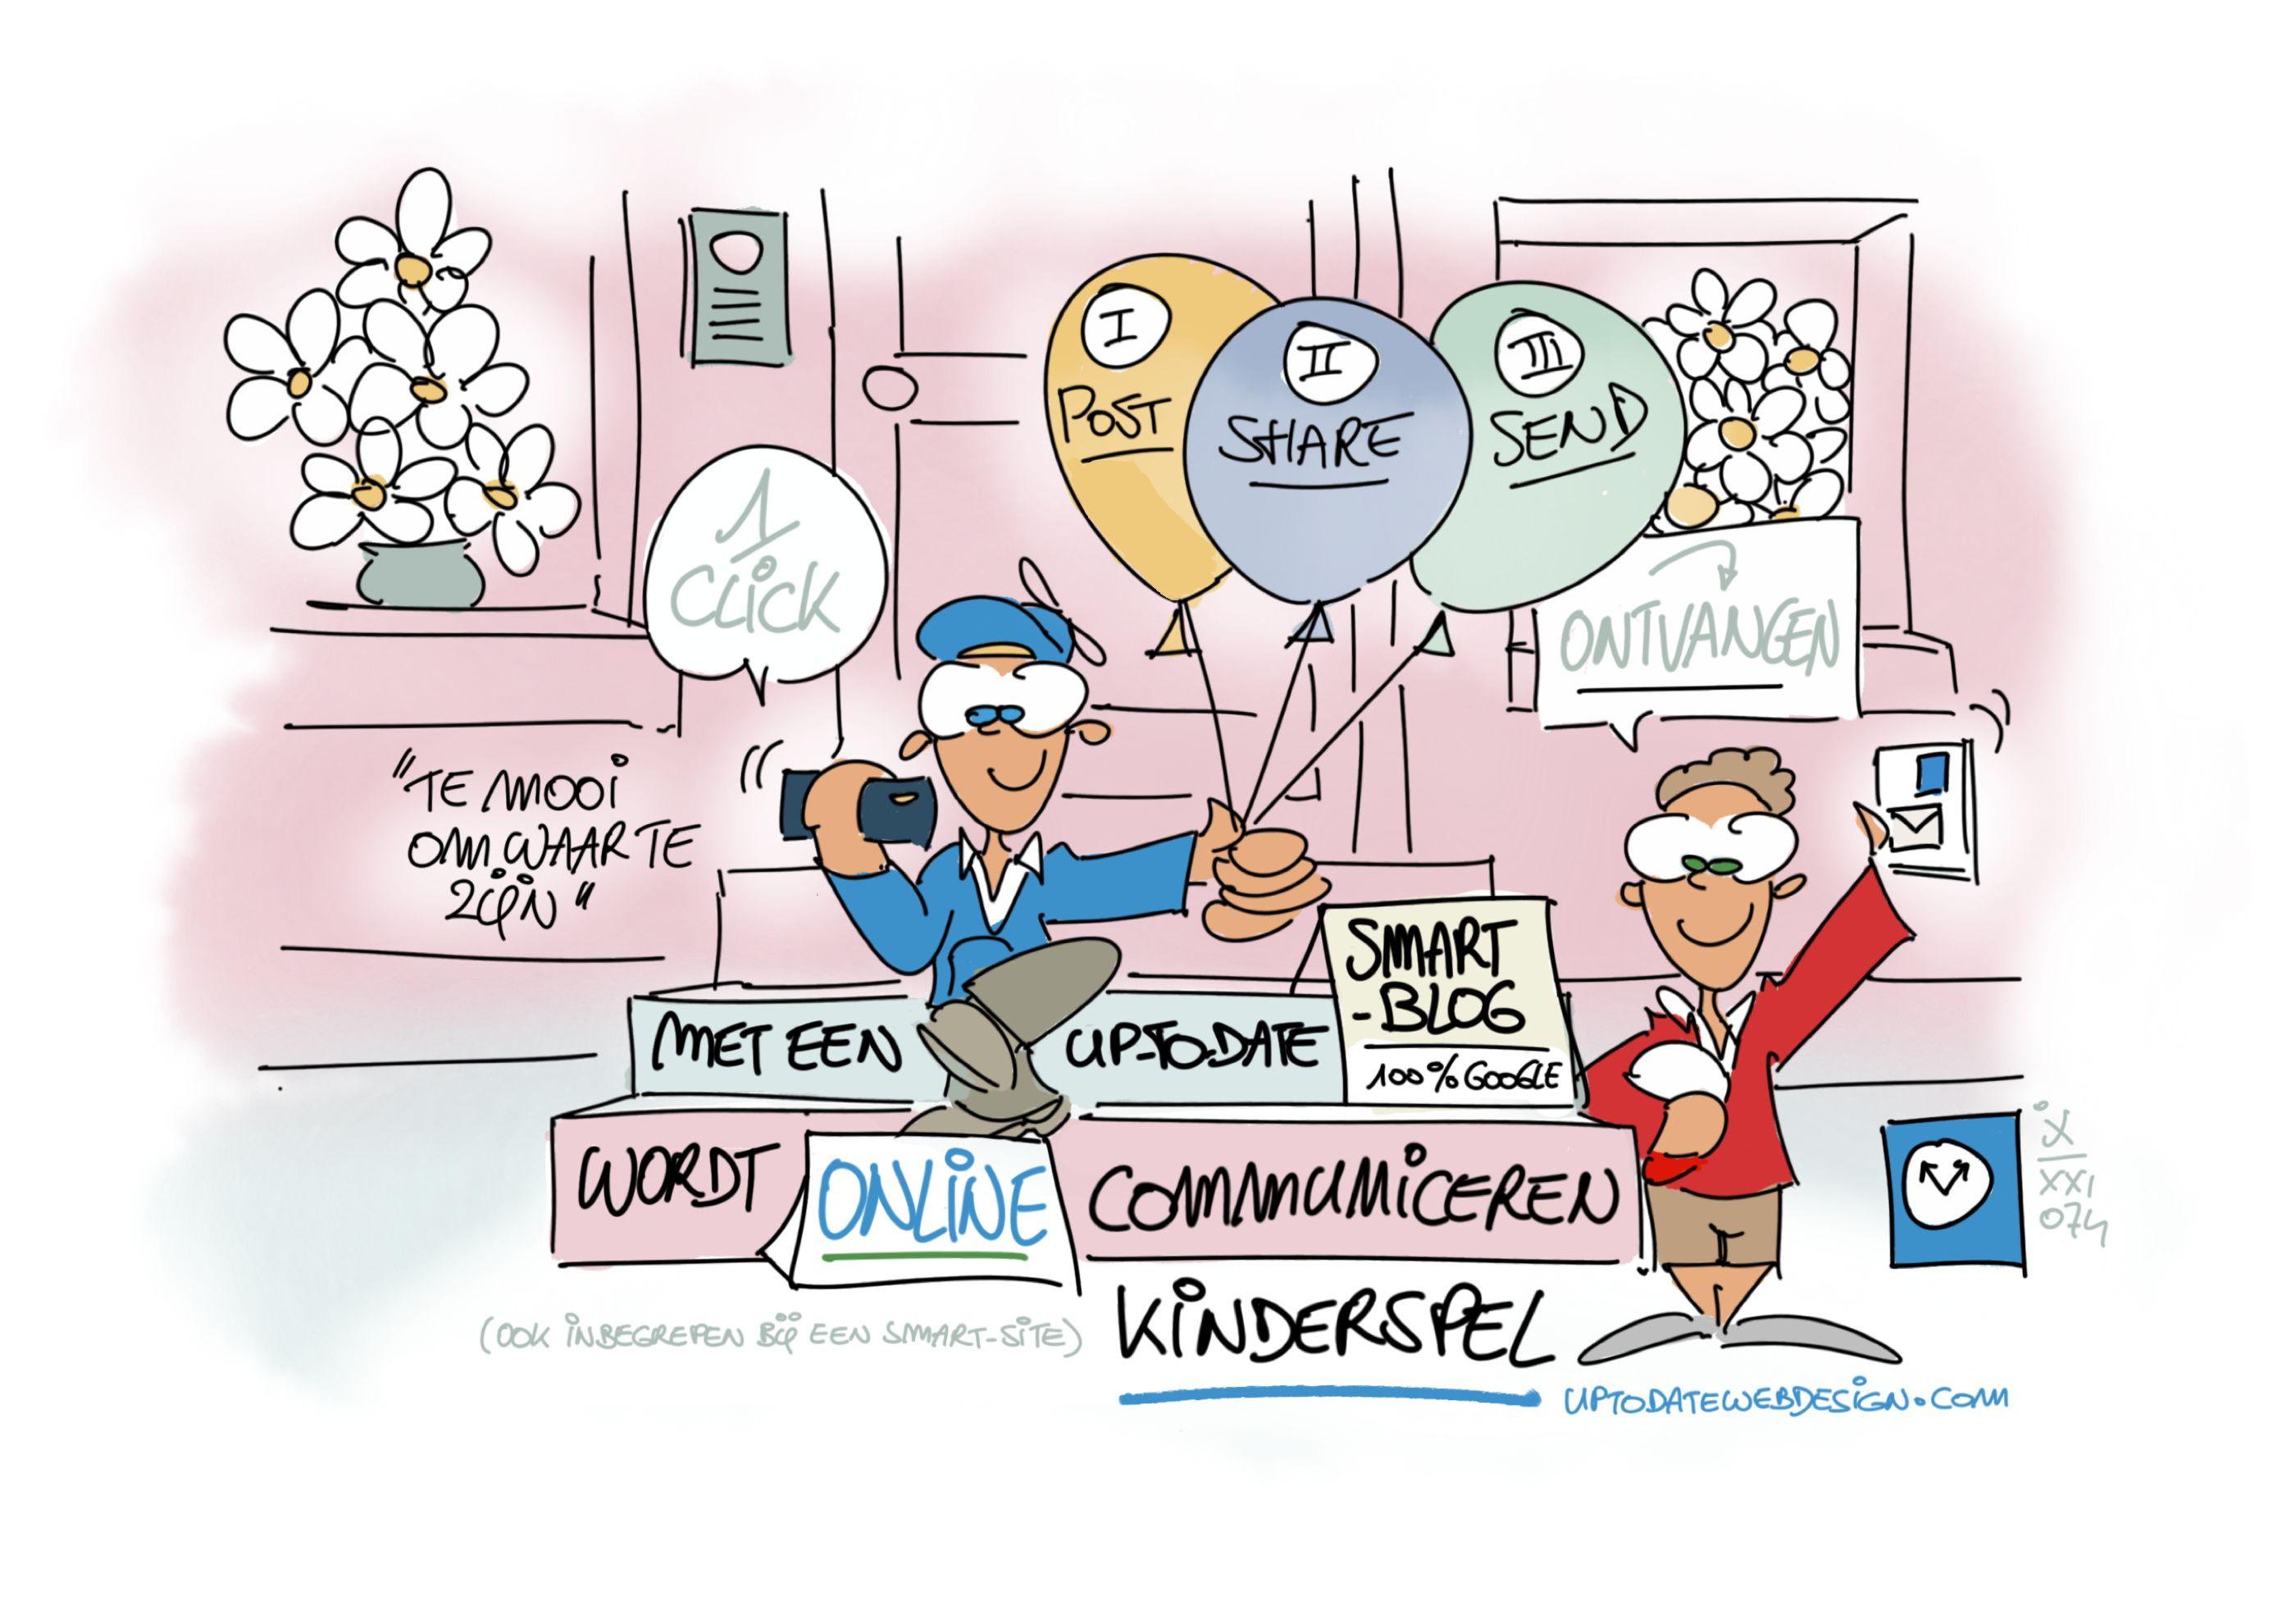 UP-TO-DATE Cartoon 074 - Met een Smart-Blog wordt online communiceren kinderspel - Ivan Jans.PNG